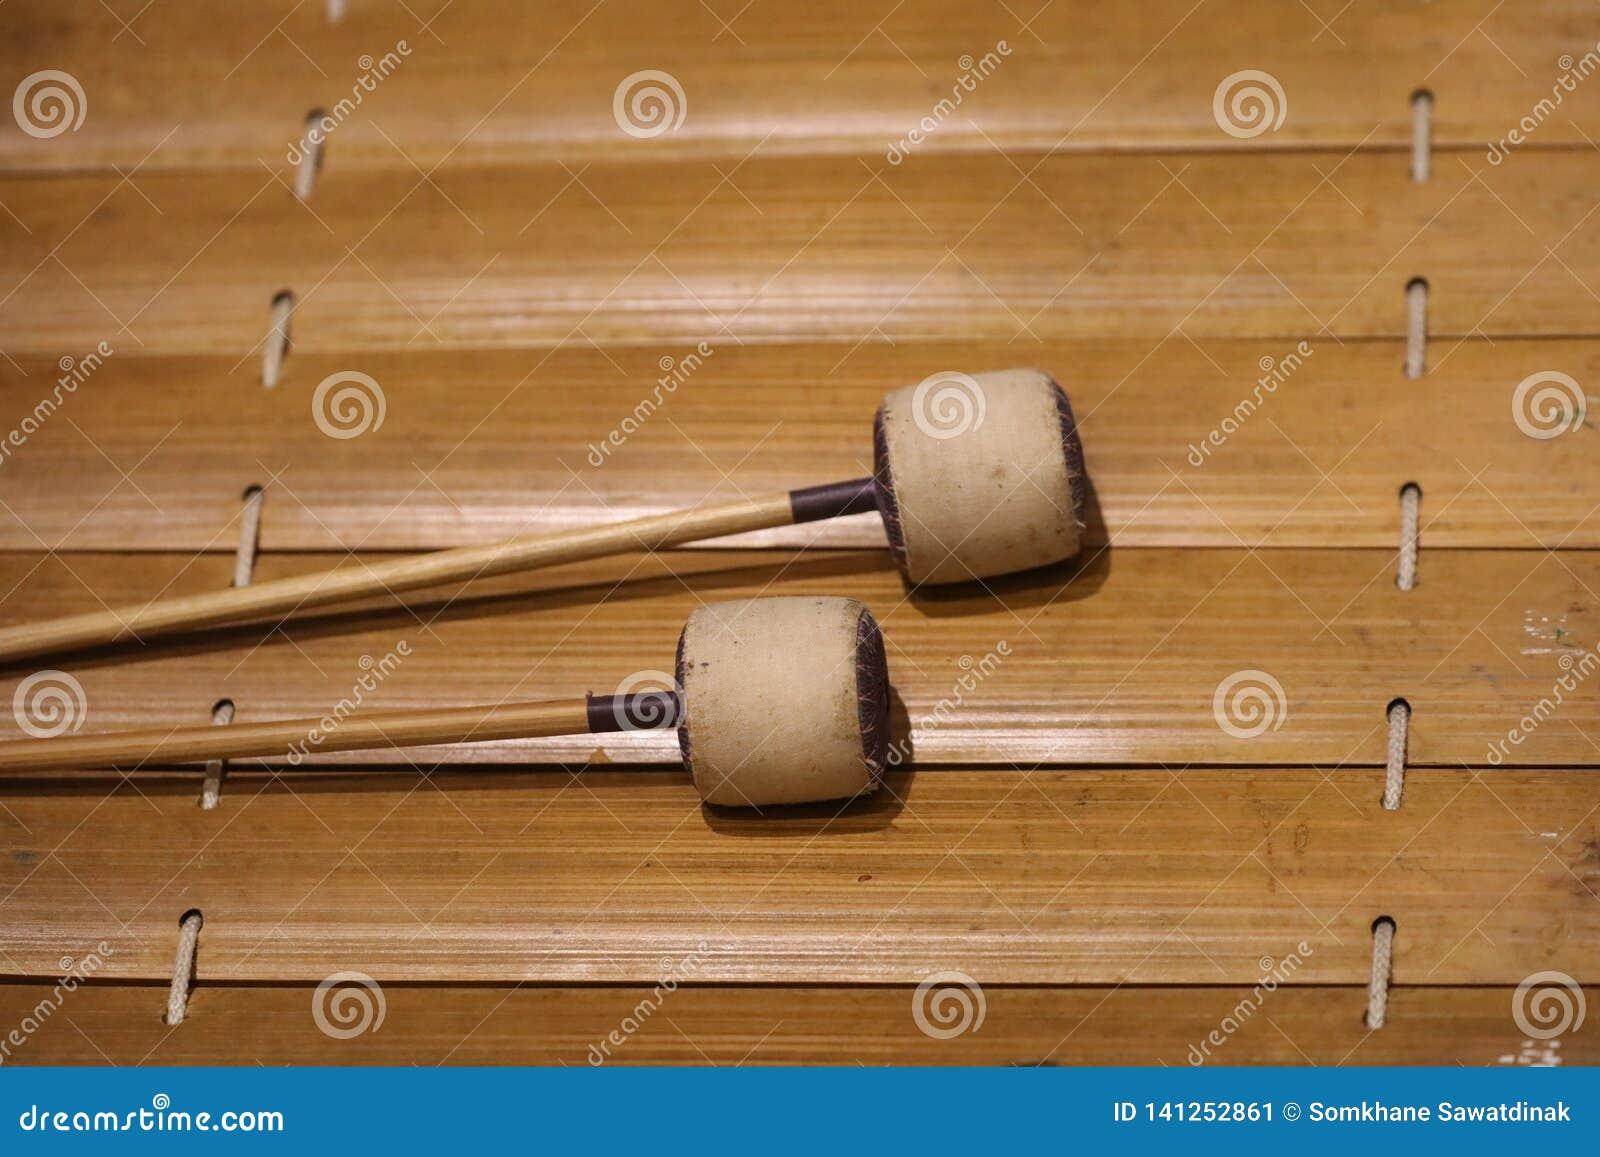 O xilofone é um instrumento musical na família da percussão que consiste em barras de madeira